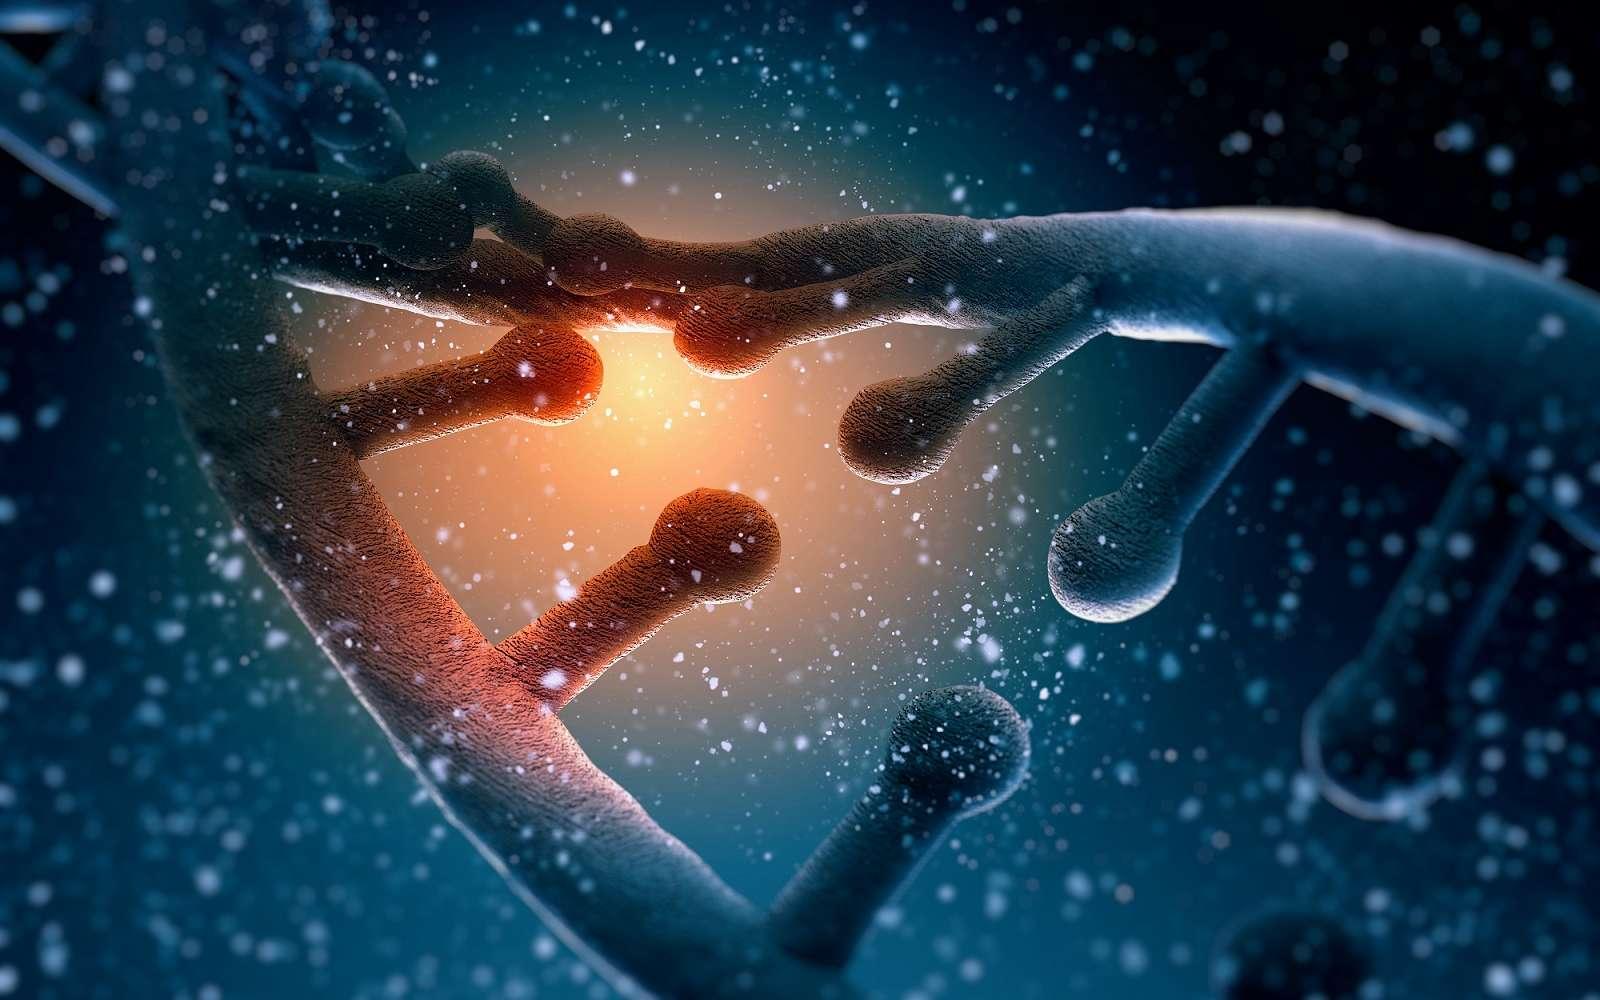 La séparation de l'ADN prenait jusqu'à présent plusieurs heures. Avec cette innovation, elle pourrait se faire en seulement 10 mn. © Sergey Nivens, Shutterstock